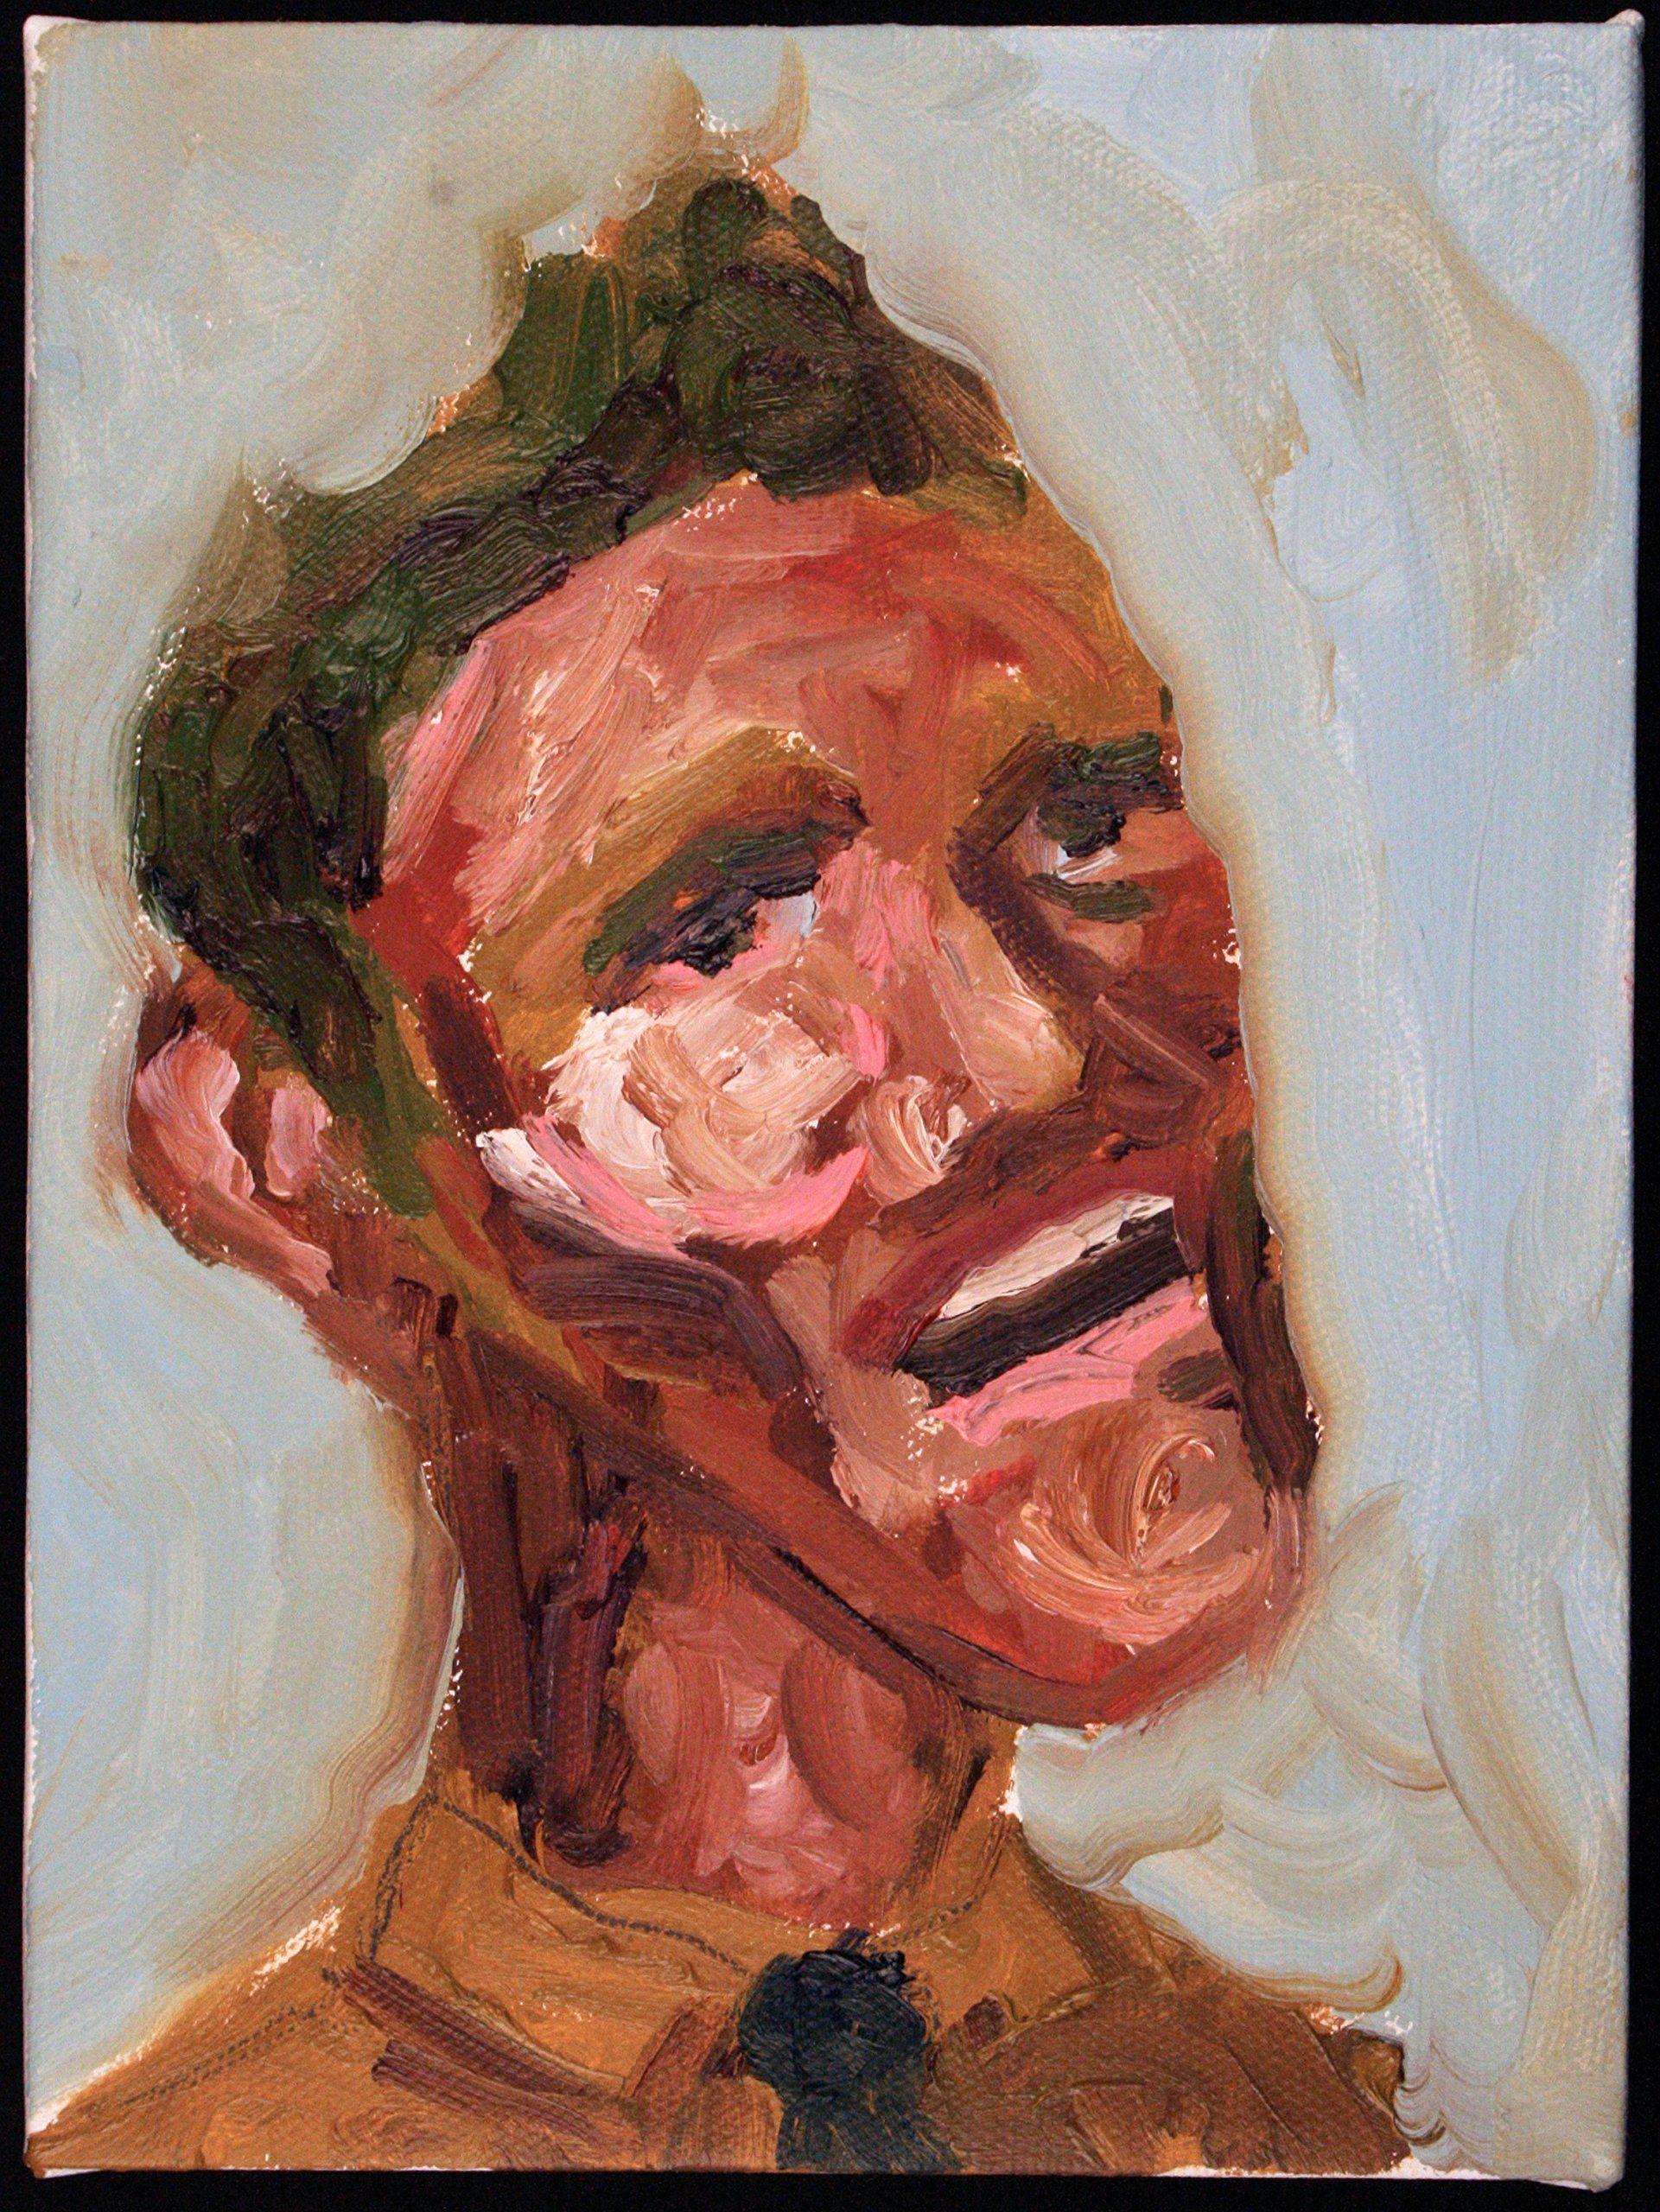 Jake Painting, Oil painting, Artfinder